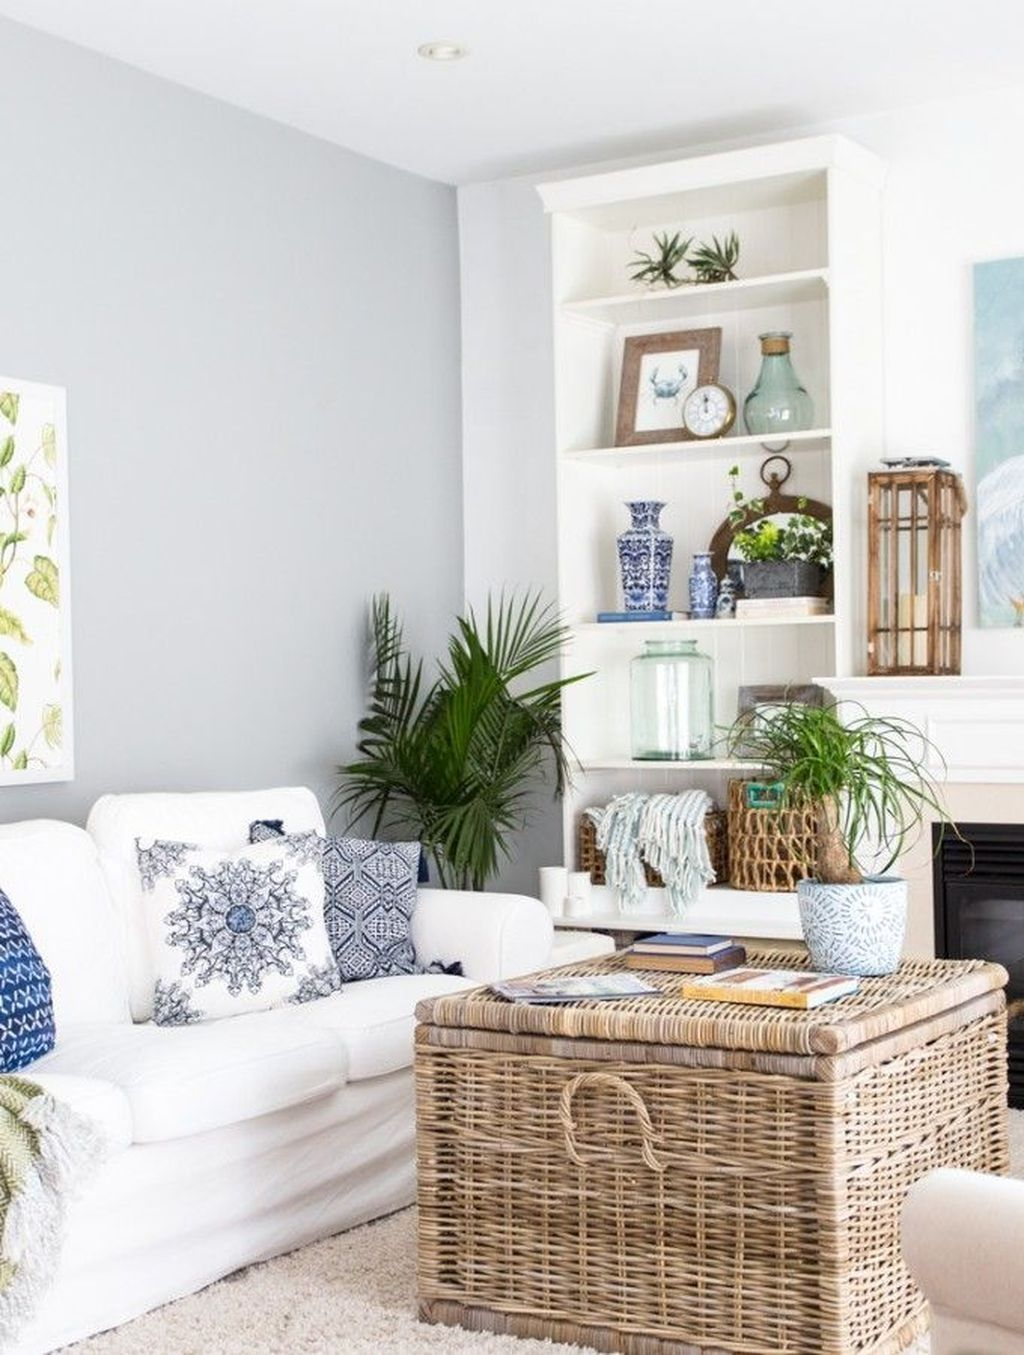 45 Magnificient Coastal Living Room Decor Ideas images